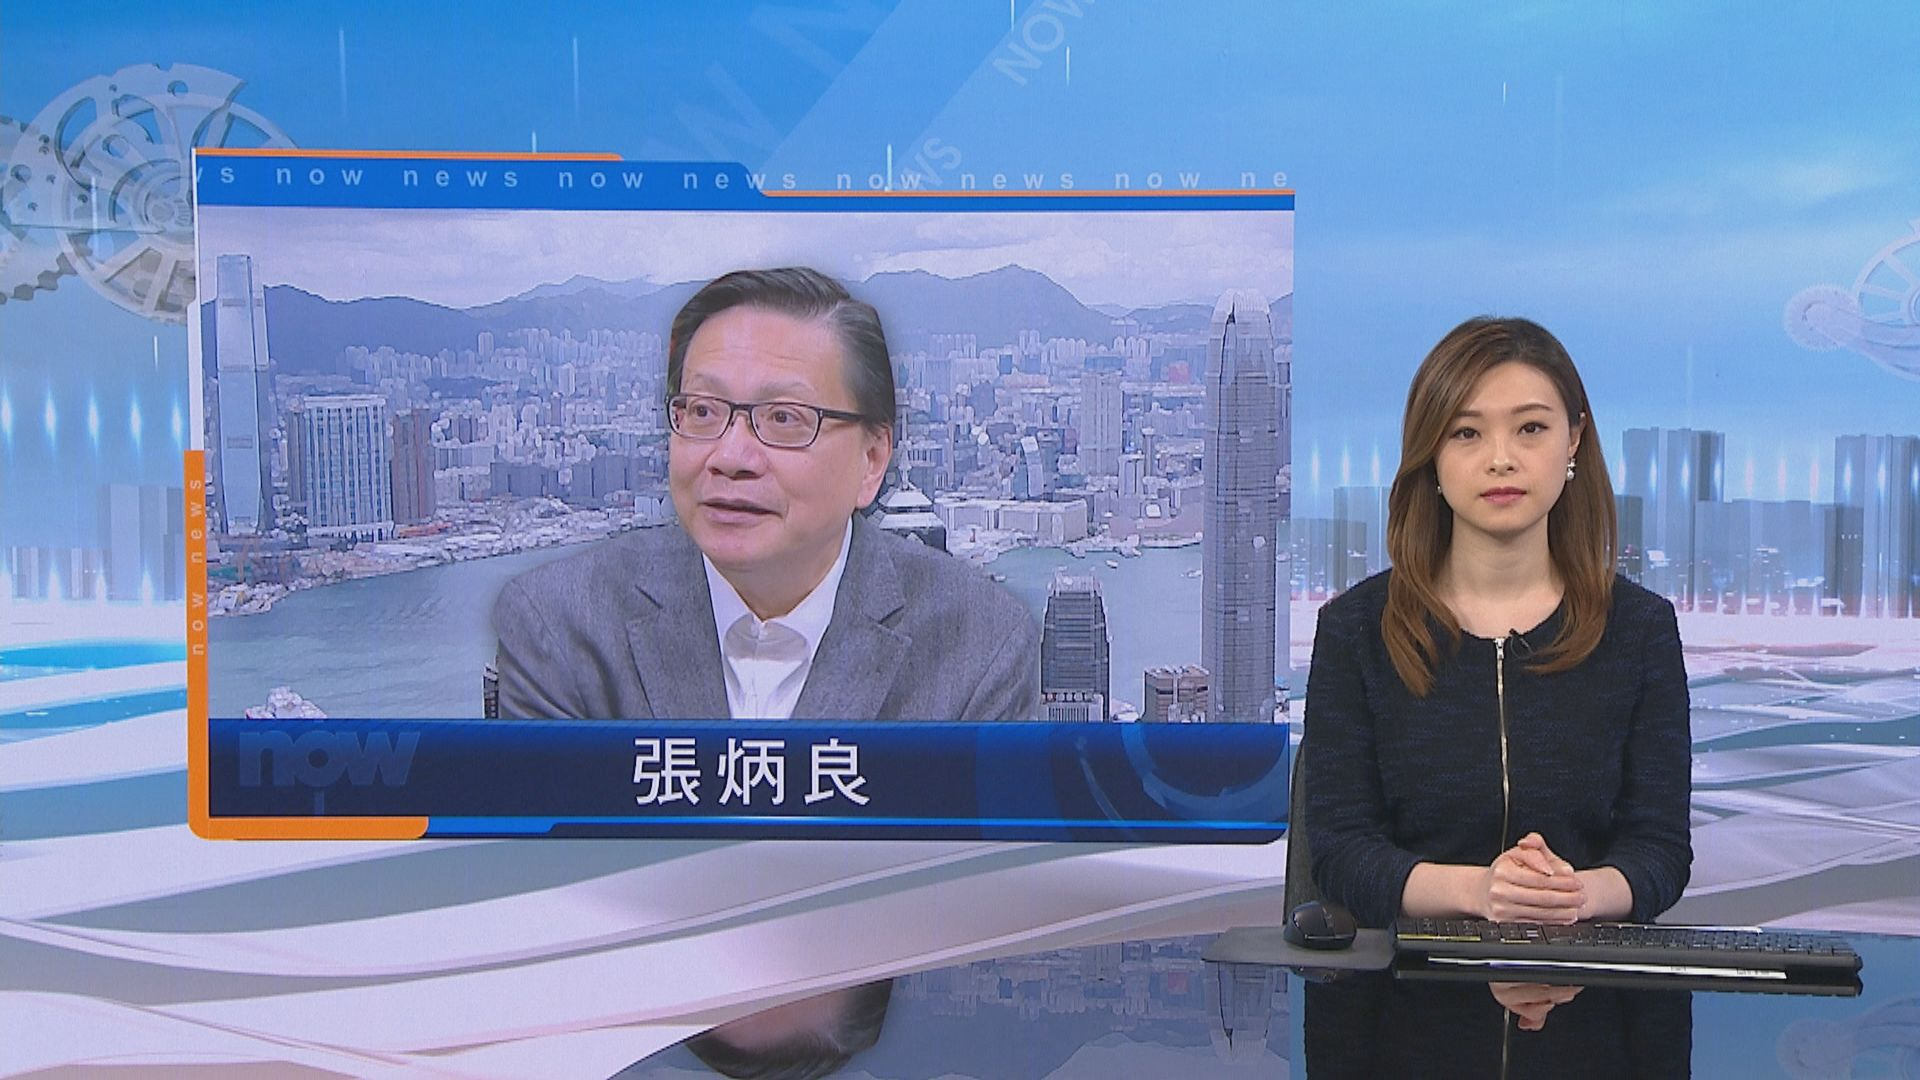 張炳良:香港三權互不從屬各有職能 毋須將討論推向極端